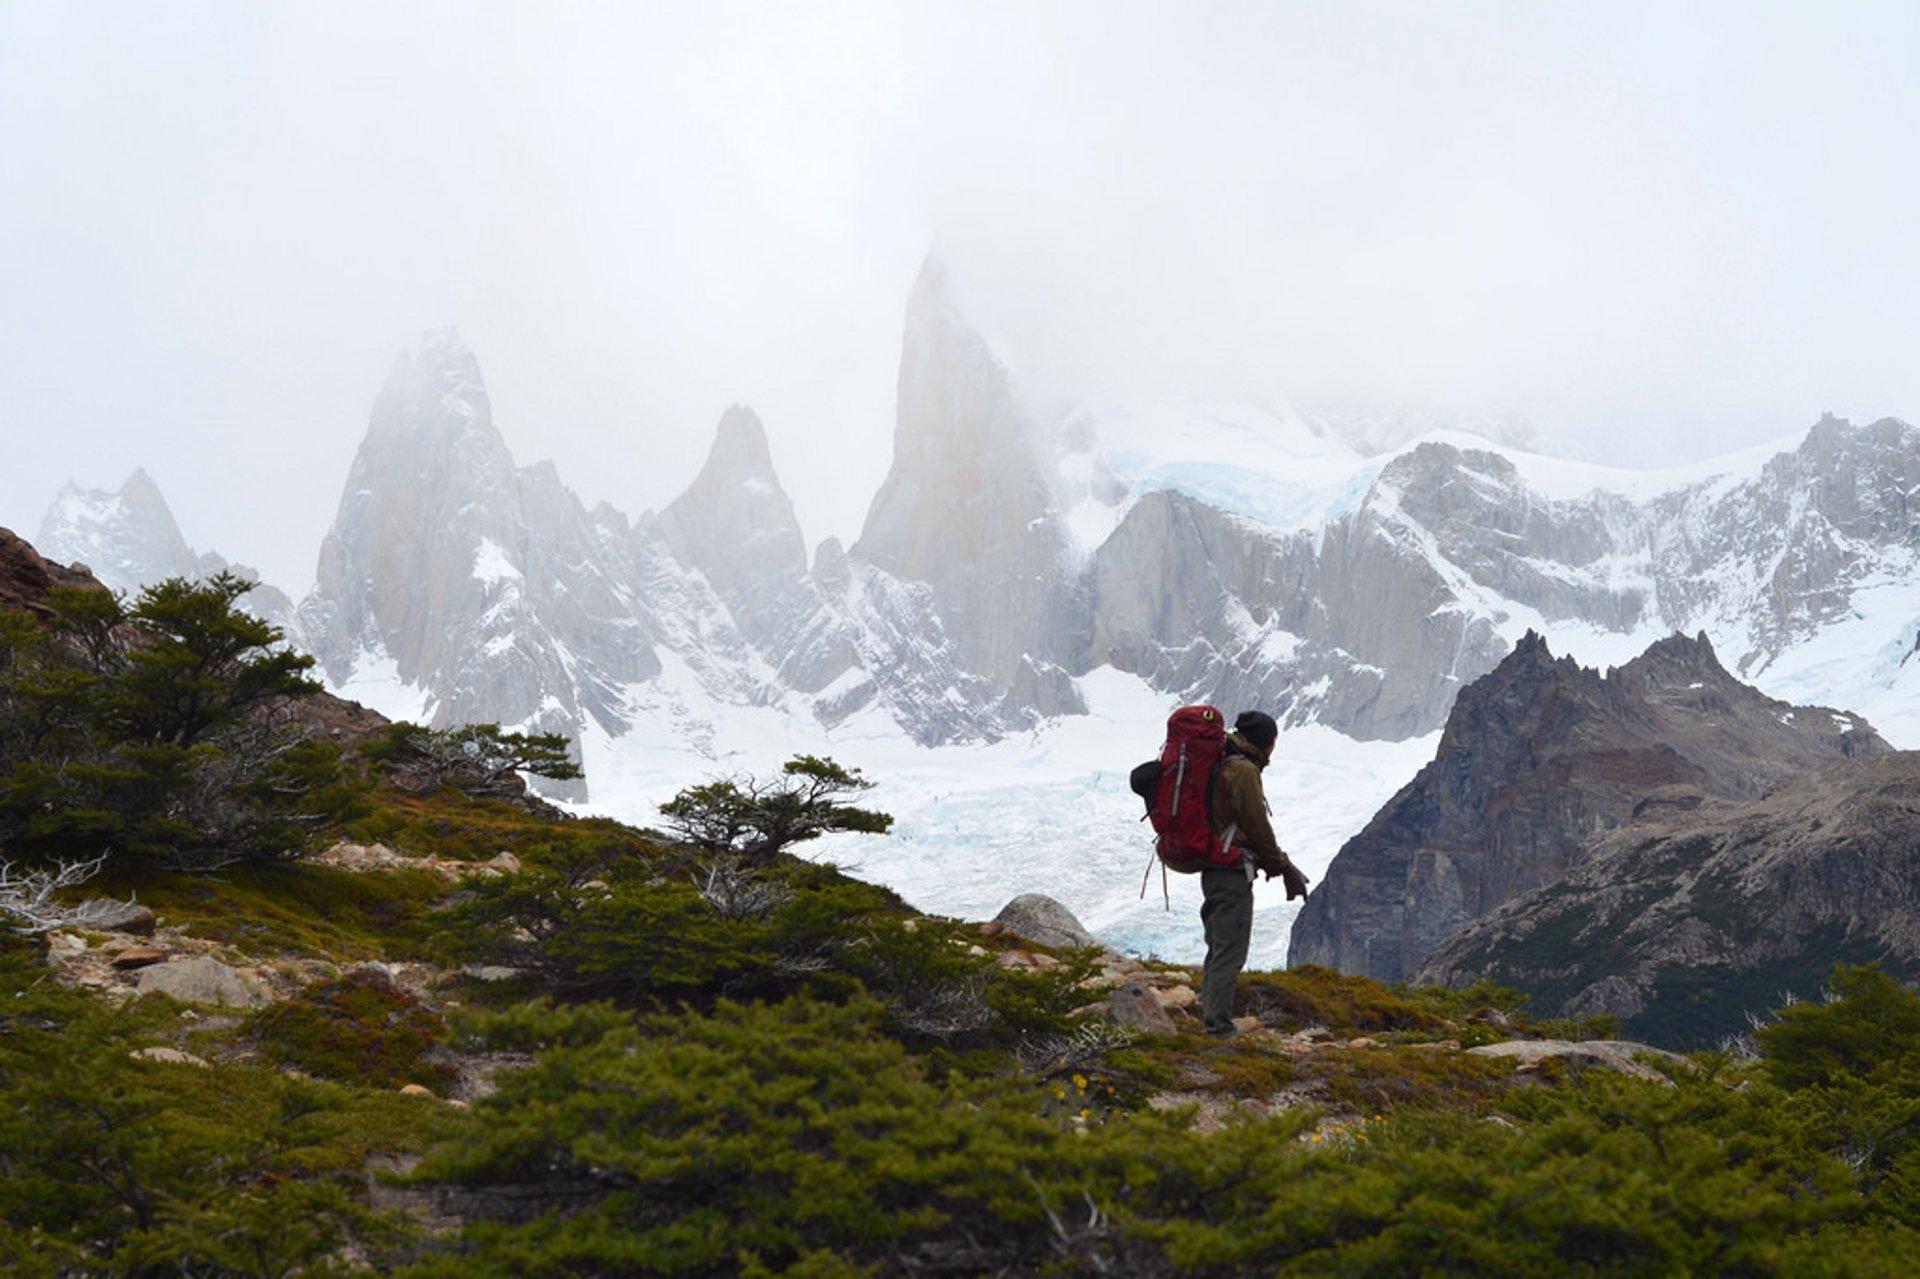 Parque Nacional Los Glaciares 2020